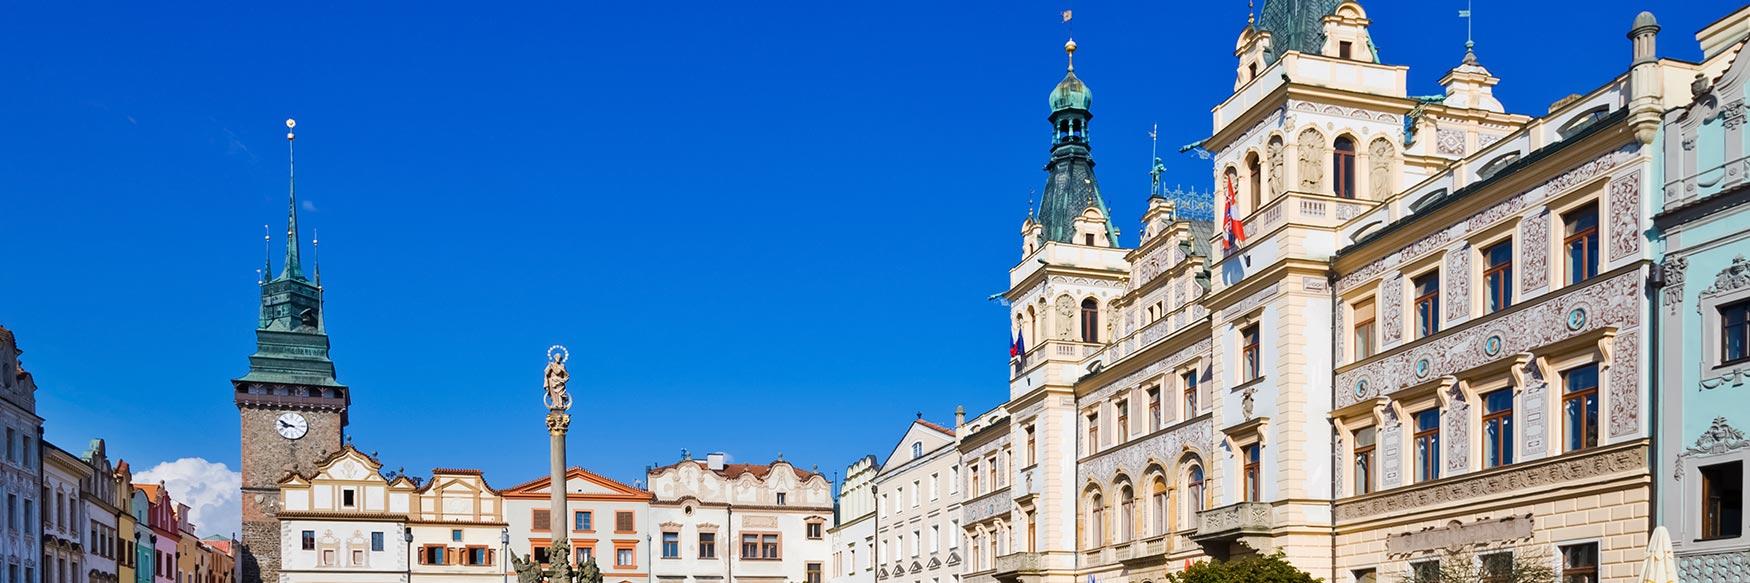 Pardubice Center, Czechia